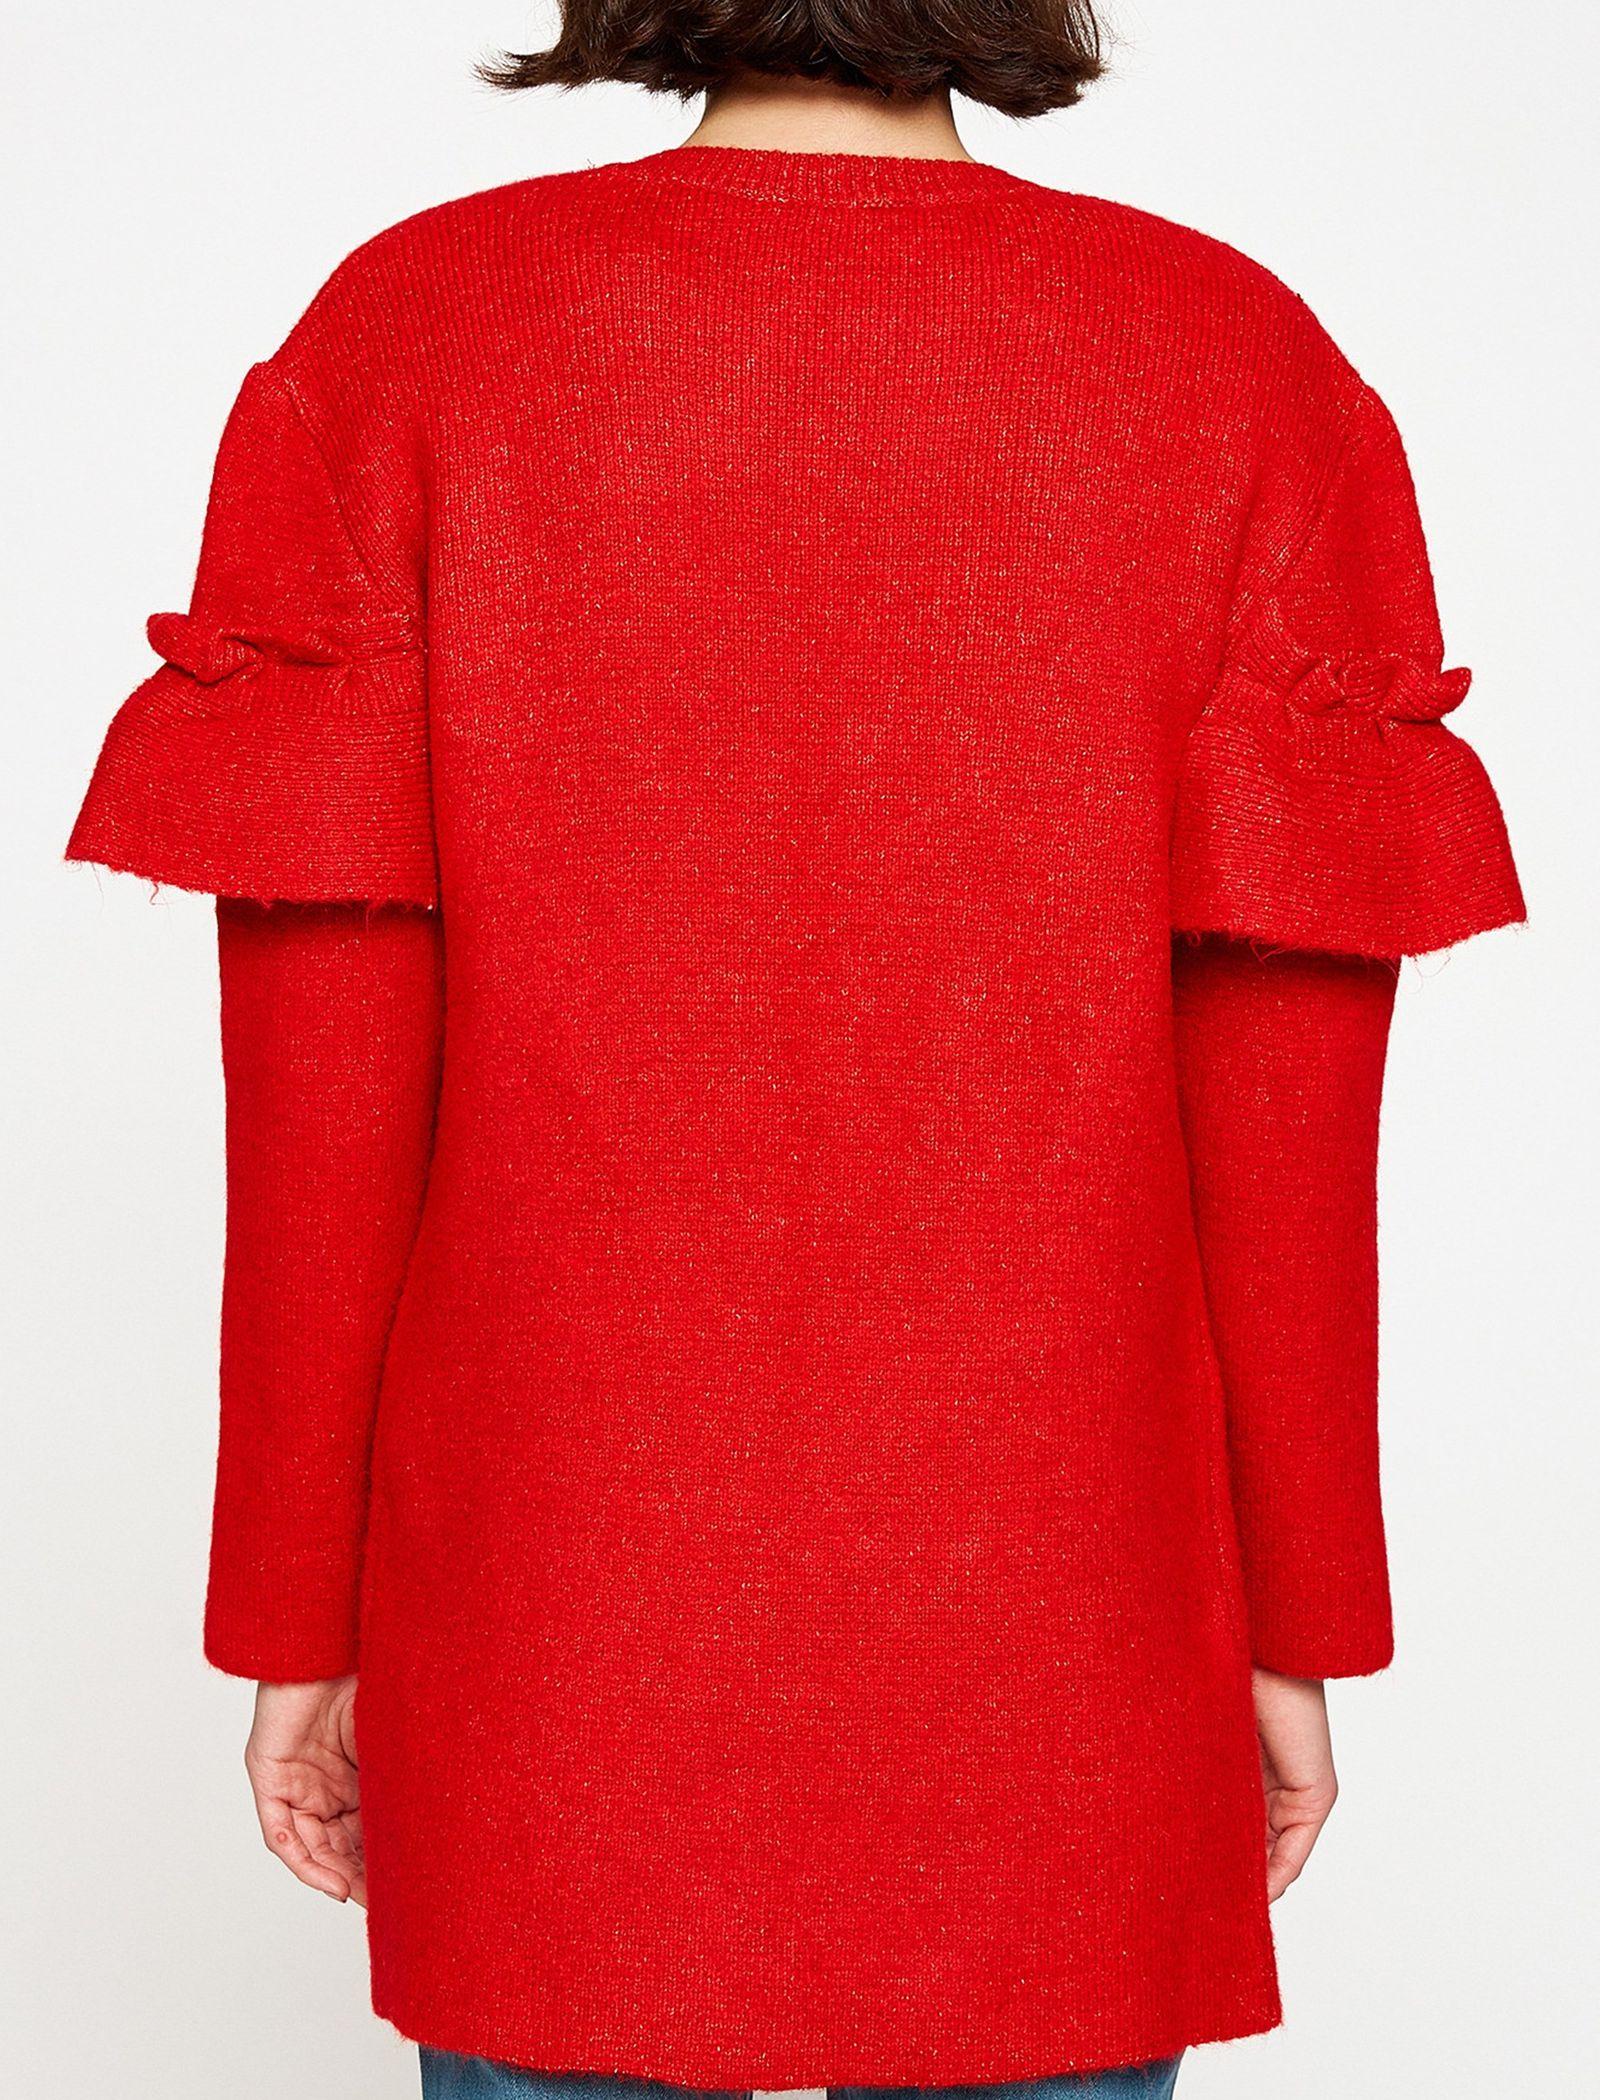 ژاکت جلو باز زنانه - کوتون - قرمز - 2